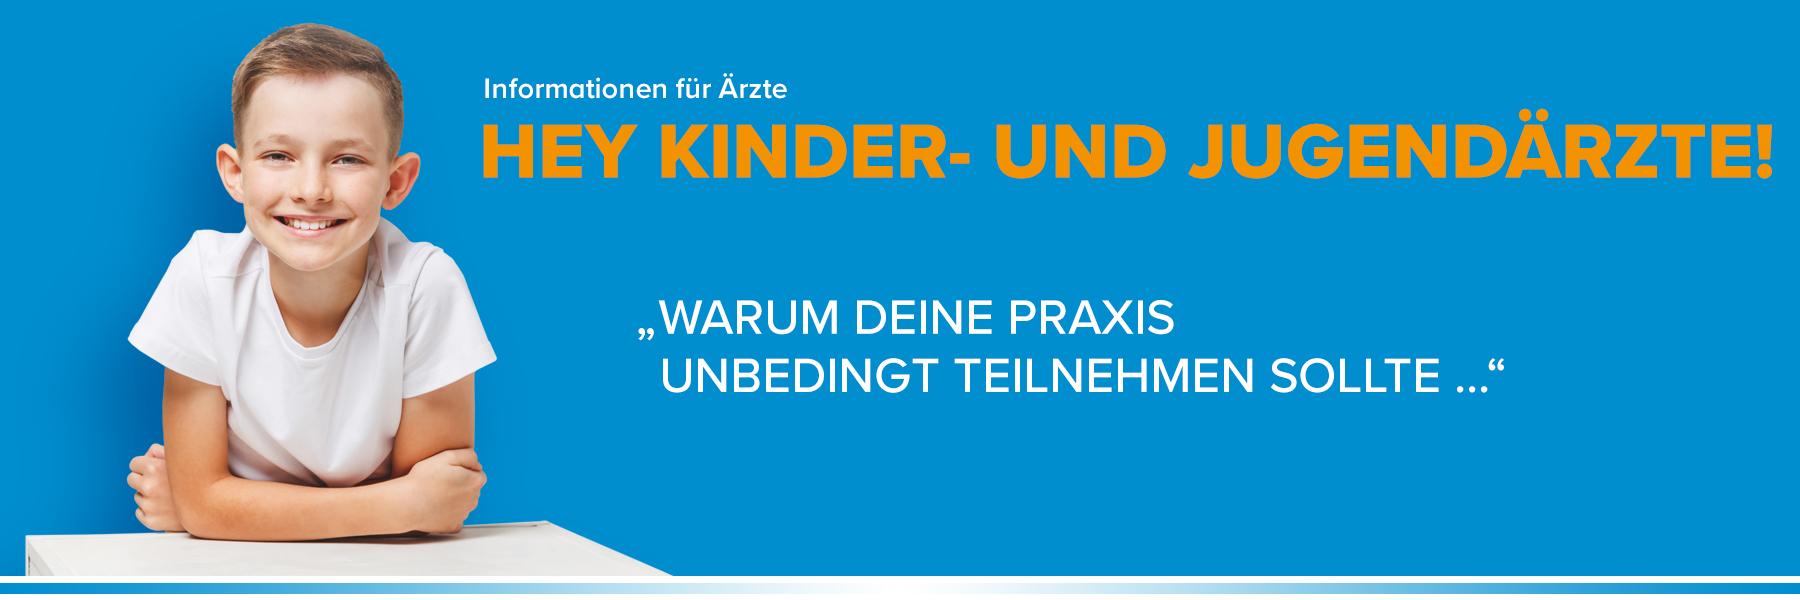 vroni_kinder_und_jugendaerzte_1